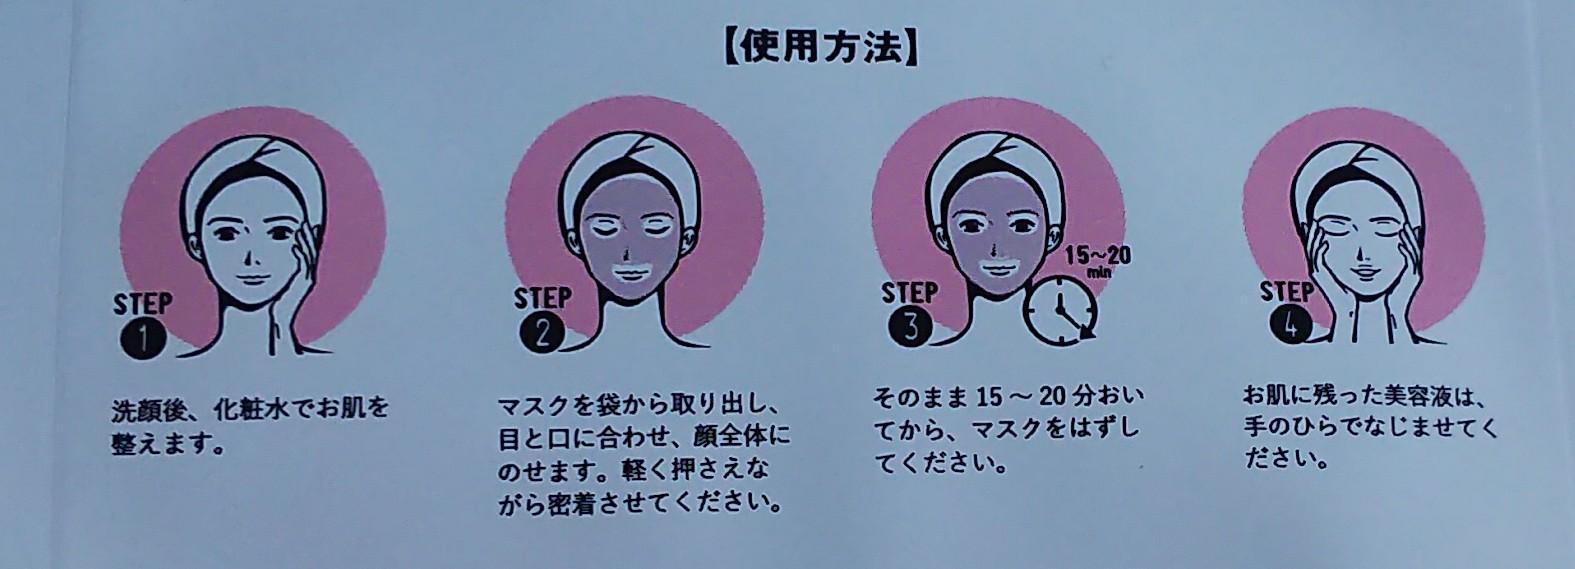 フェイスマスクの使用方法